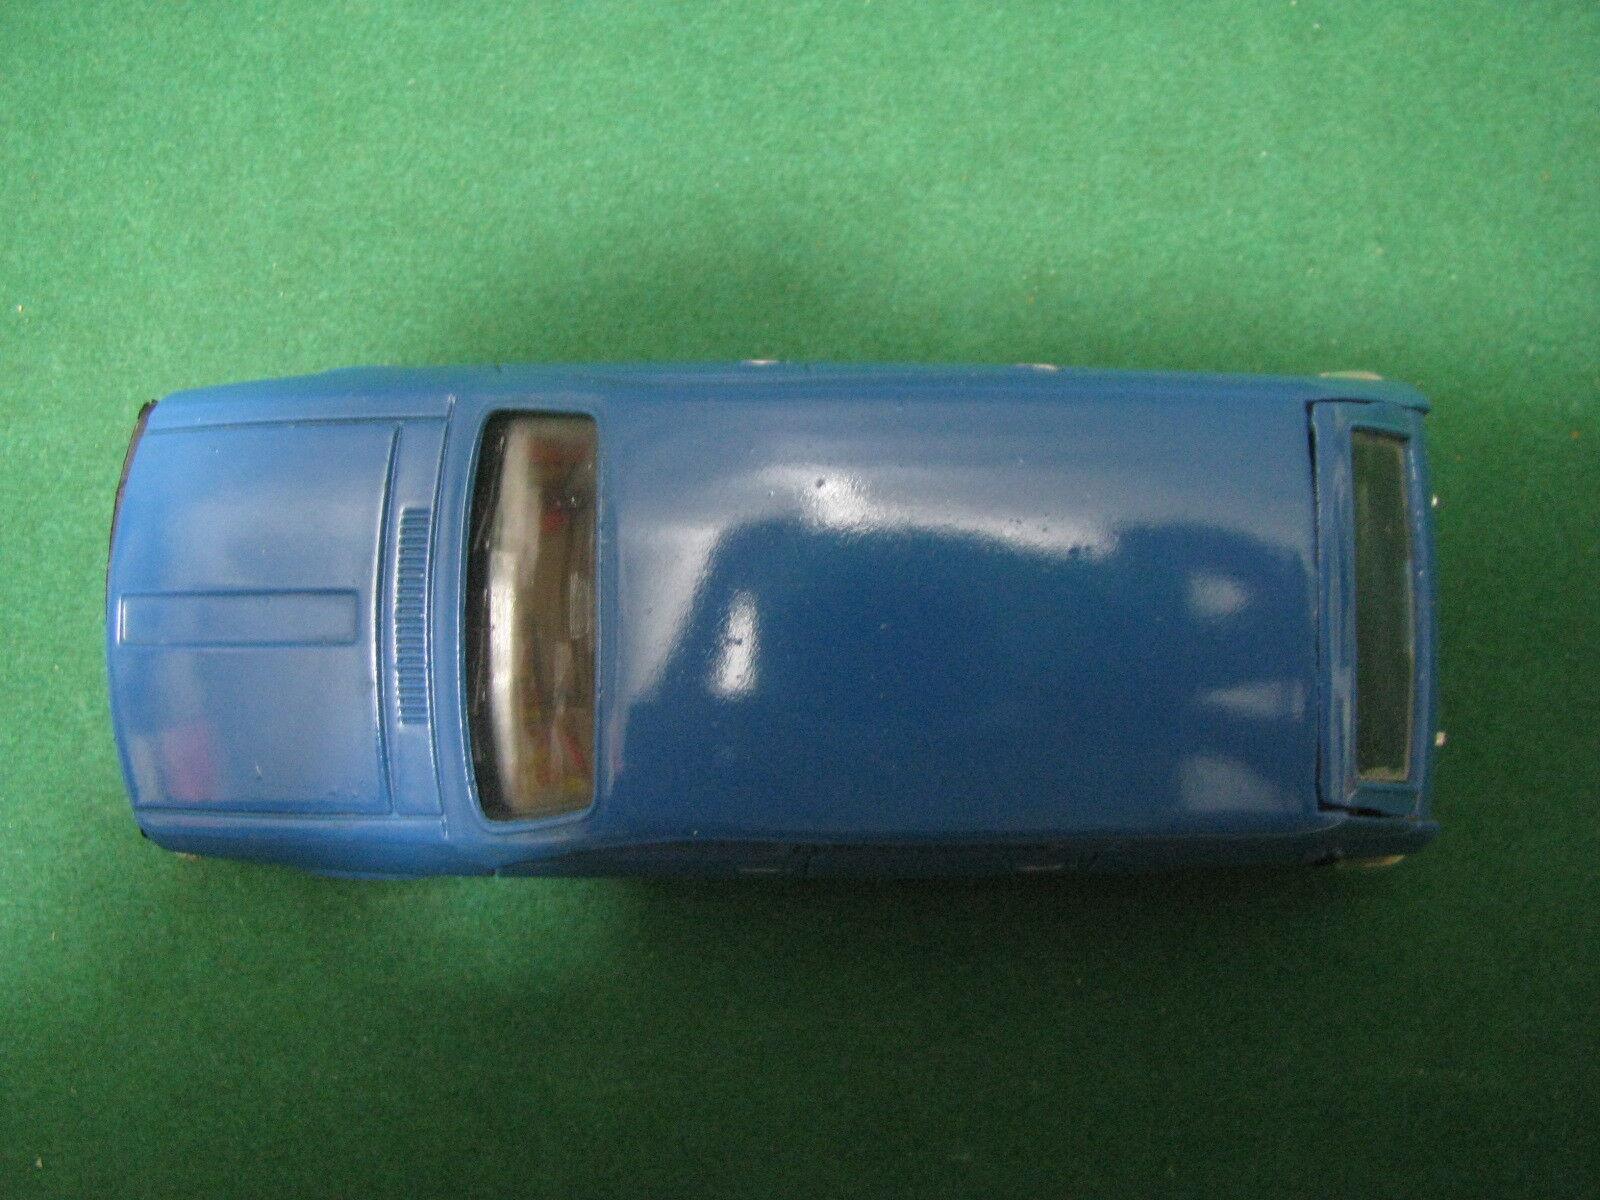 Vintage  -  RENAULT 12 break   - - -  1 43 Solido Ref. 22 bbc0a4